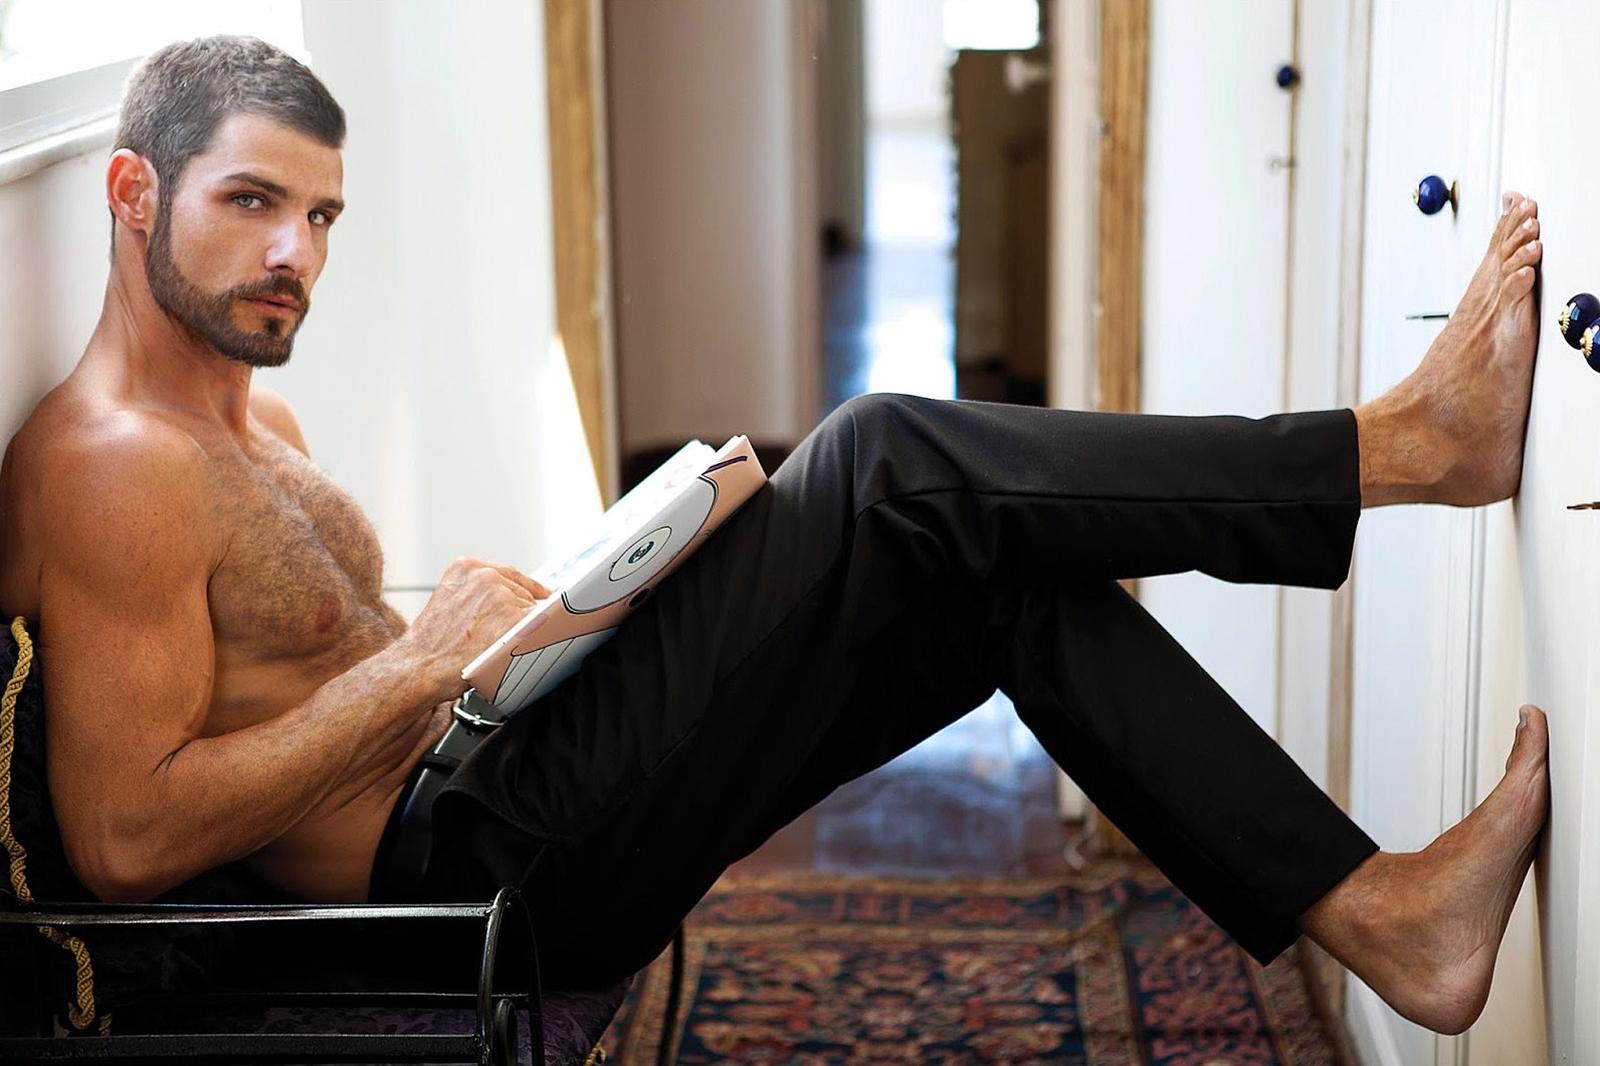 мире советский фото мужских ног на телефон открытку другу